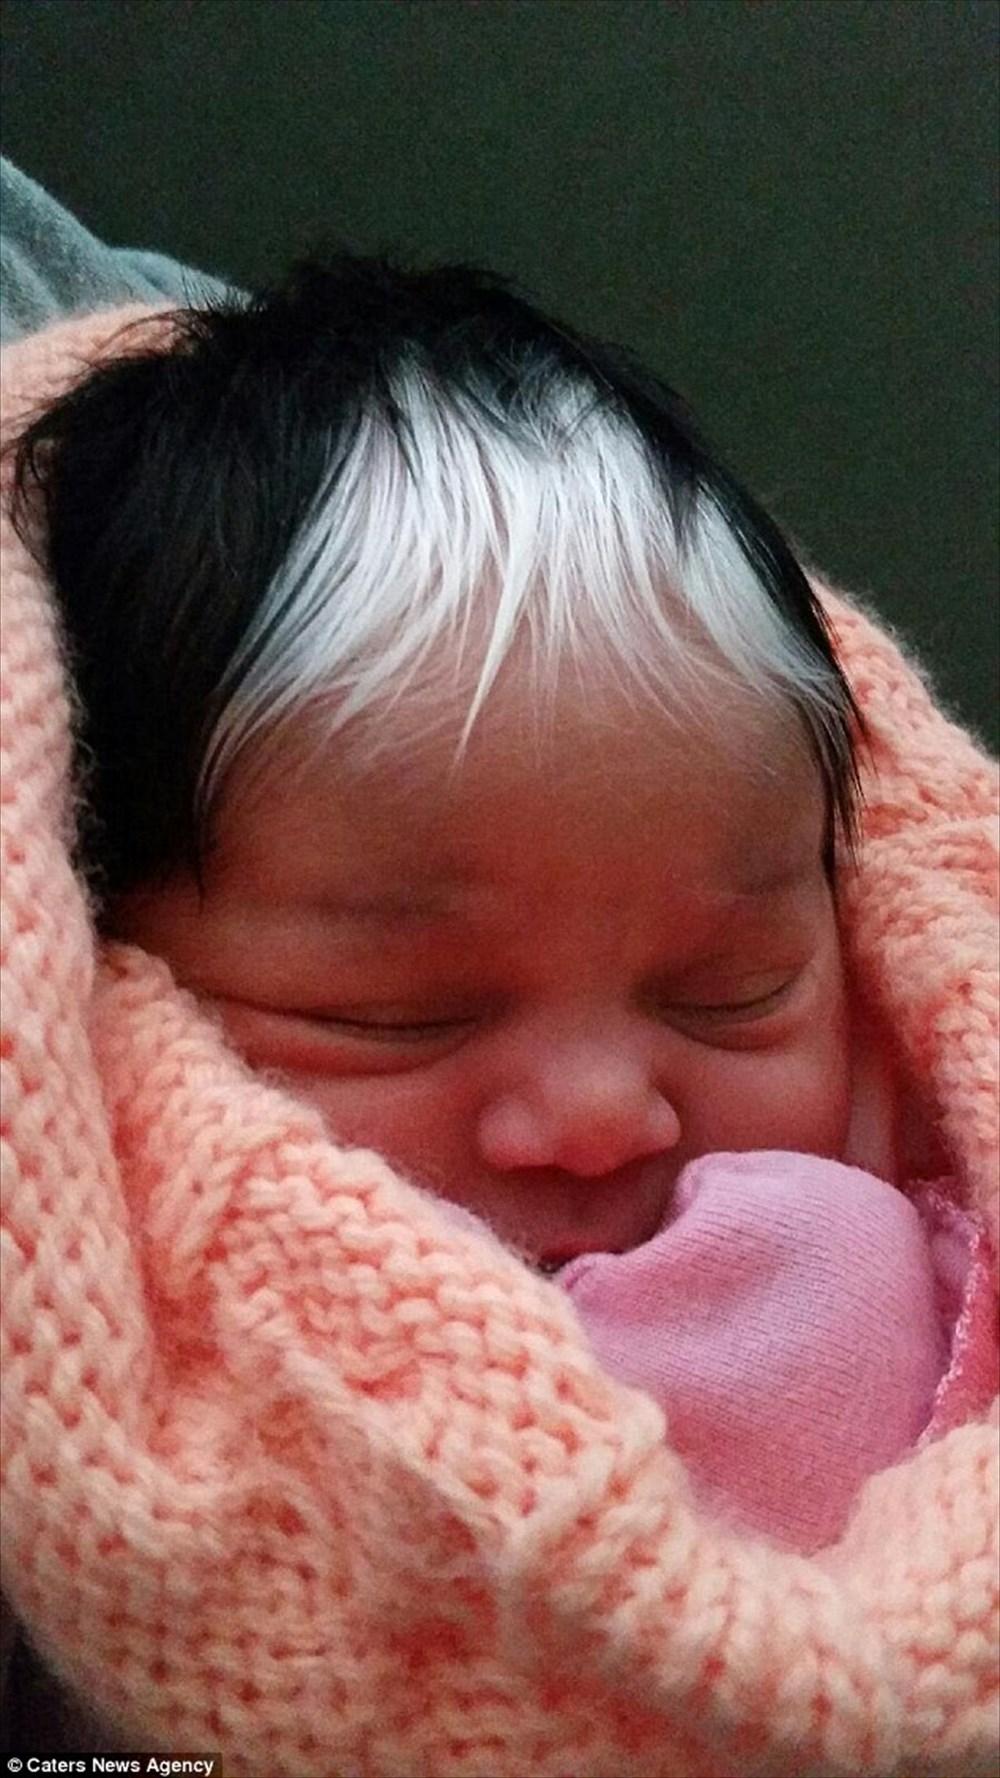 なんと親子4世代に渡って遺伝!白斑によって白髪の前髪を持って生まれた少女